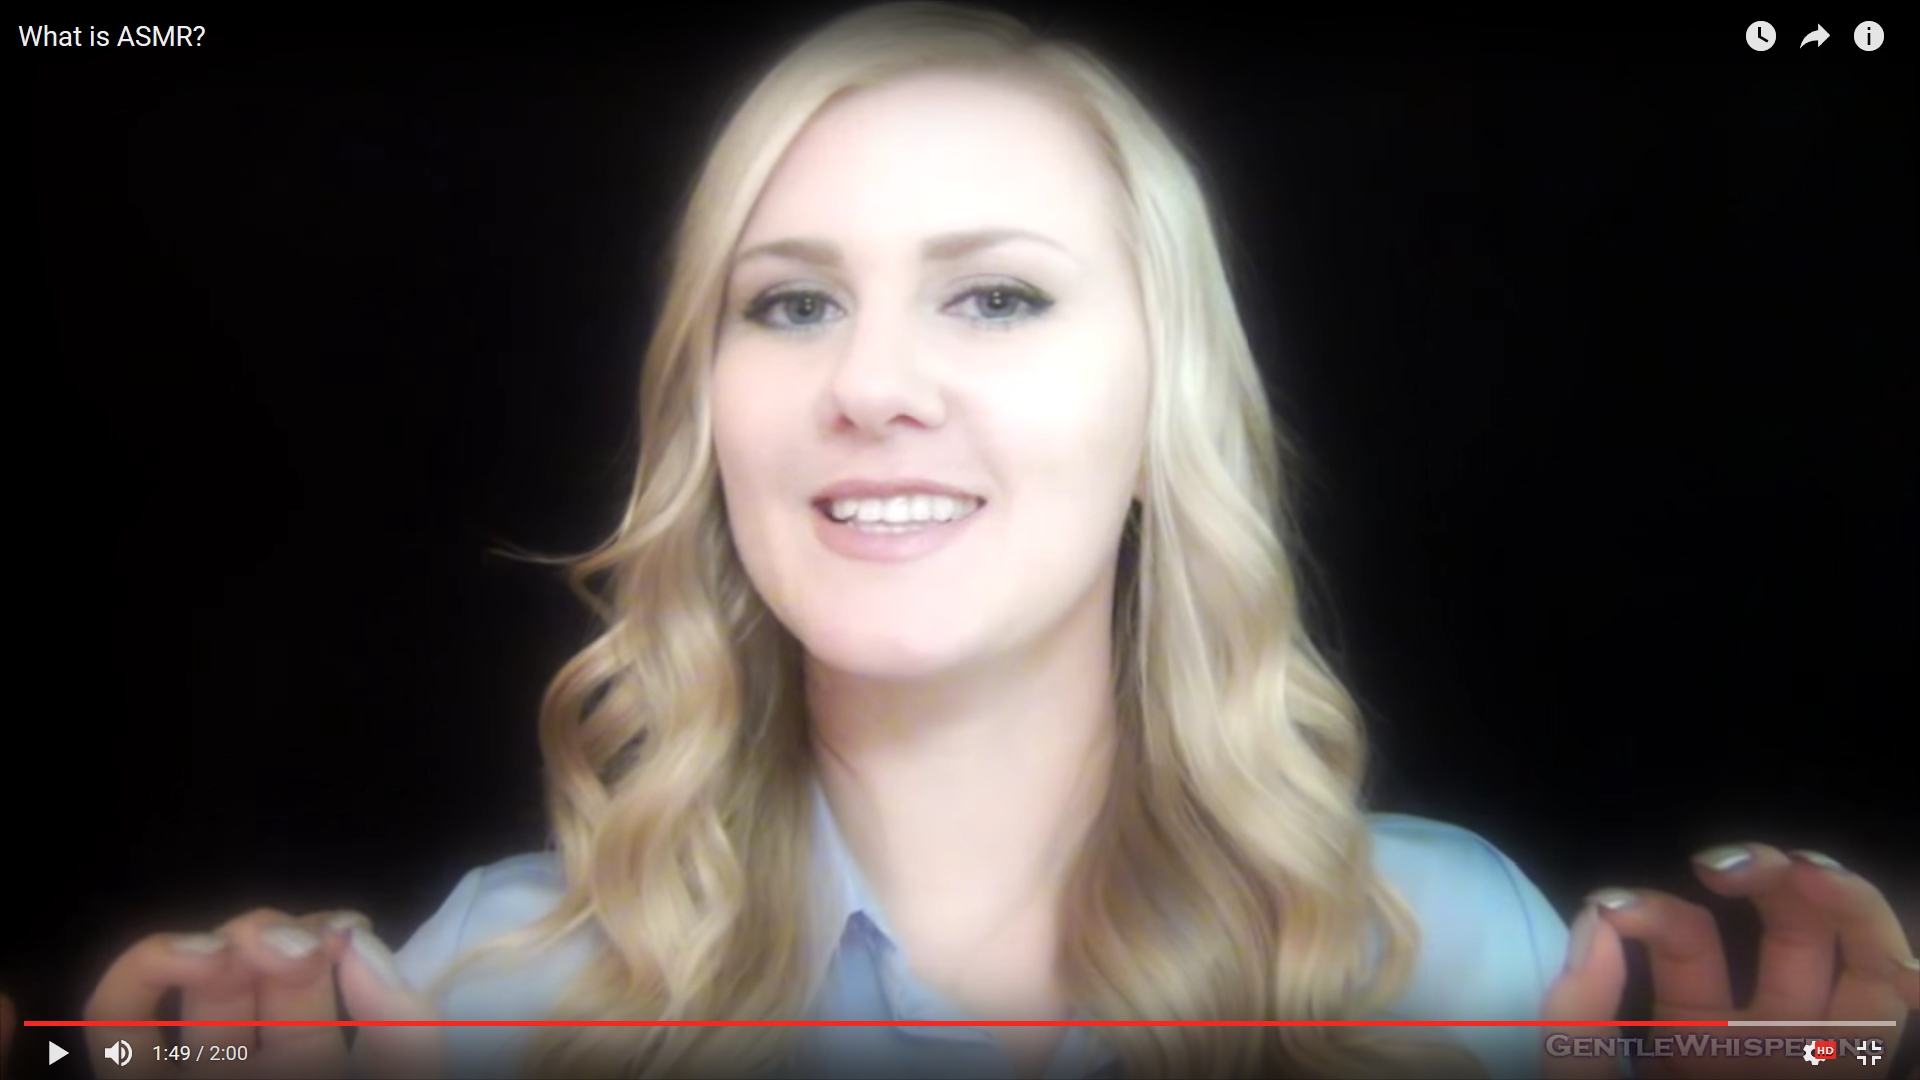 3 chaînes Youtube pour essayer l'ASMR [VIDÉO]